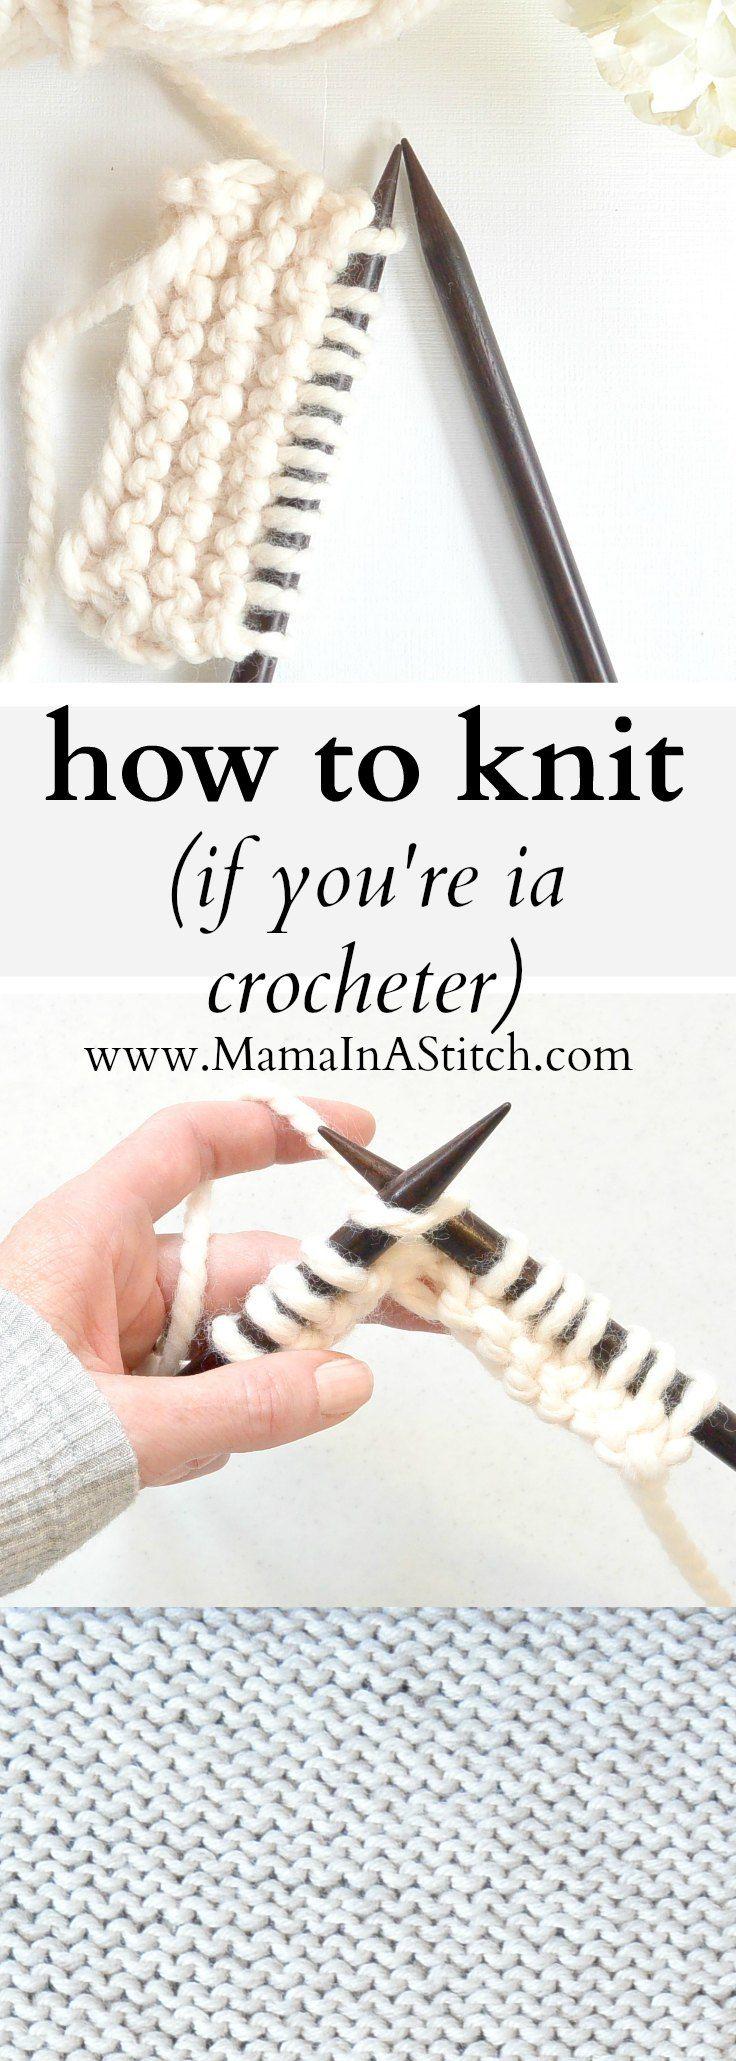 knitting tutorial for beginners